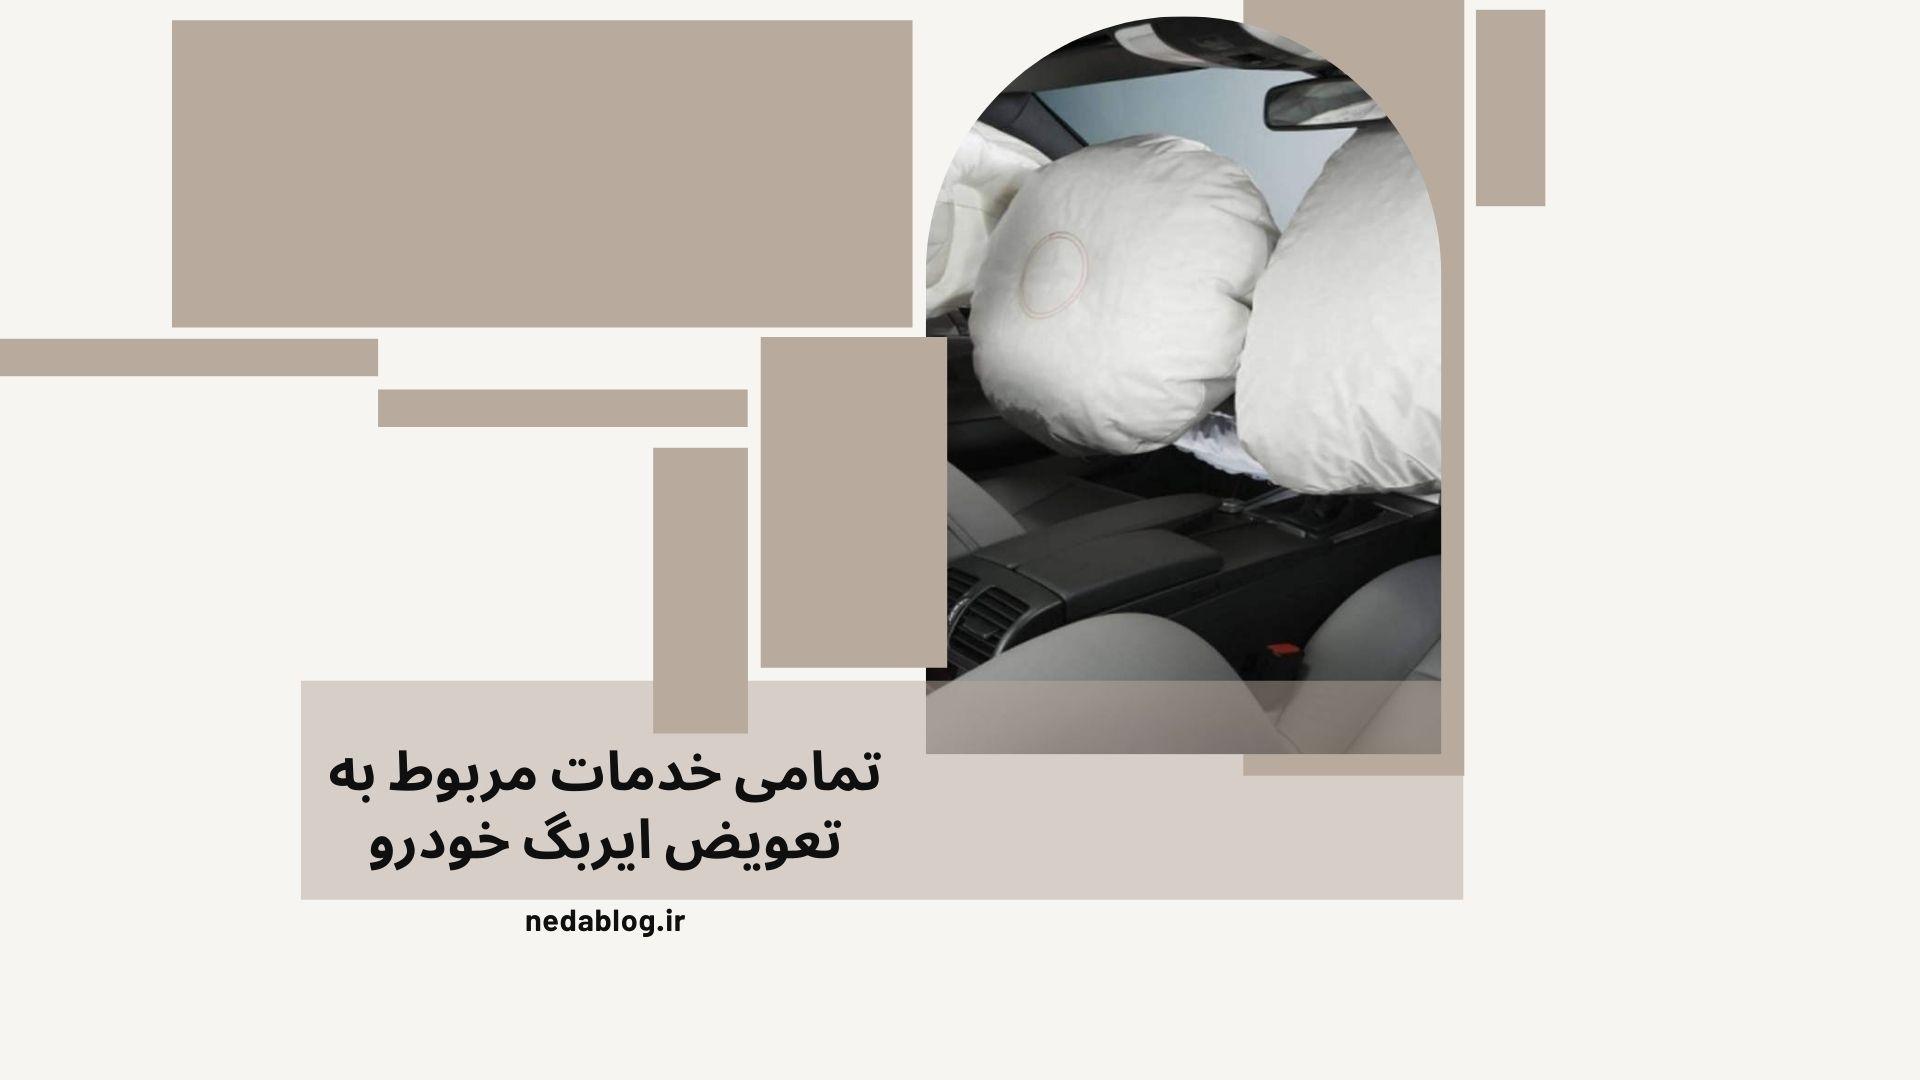 تمامی خدمات مربوط به تعویض ایربگ خودرو